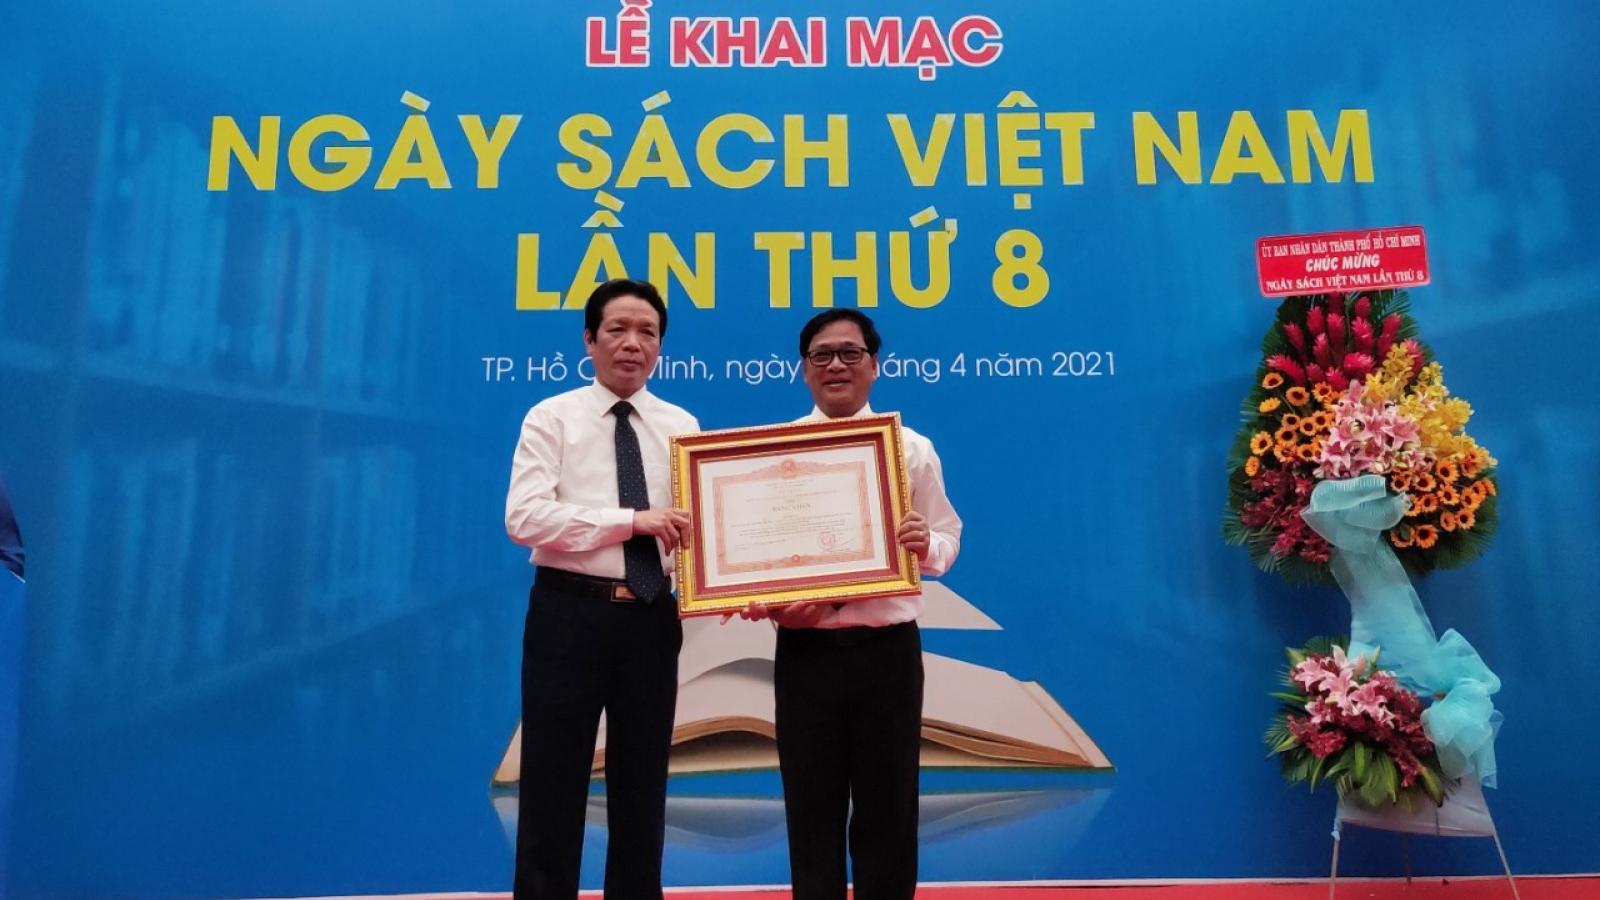 Khai mạc Ngày sách Việt Nam lần thứ 8 tại TPHCM